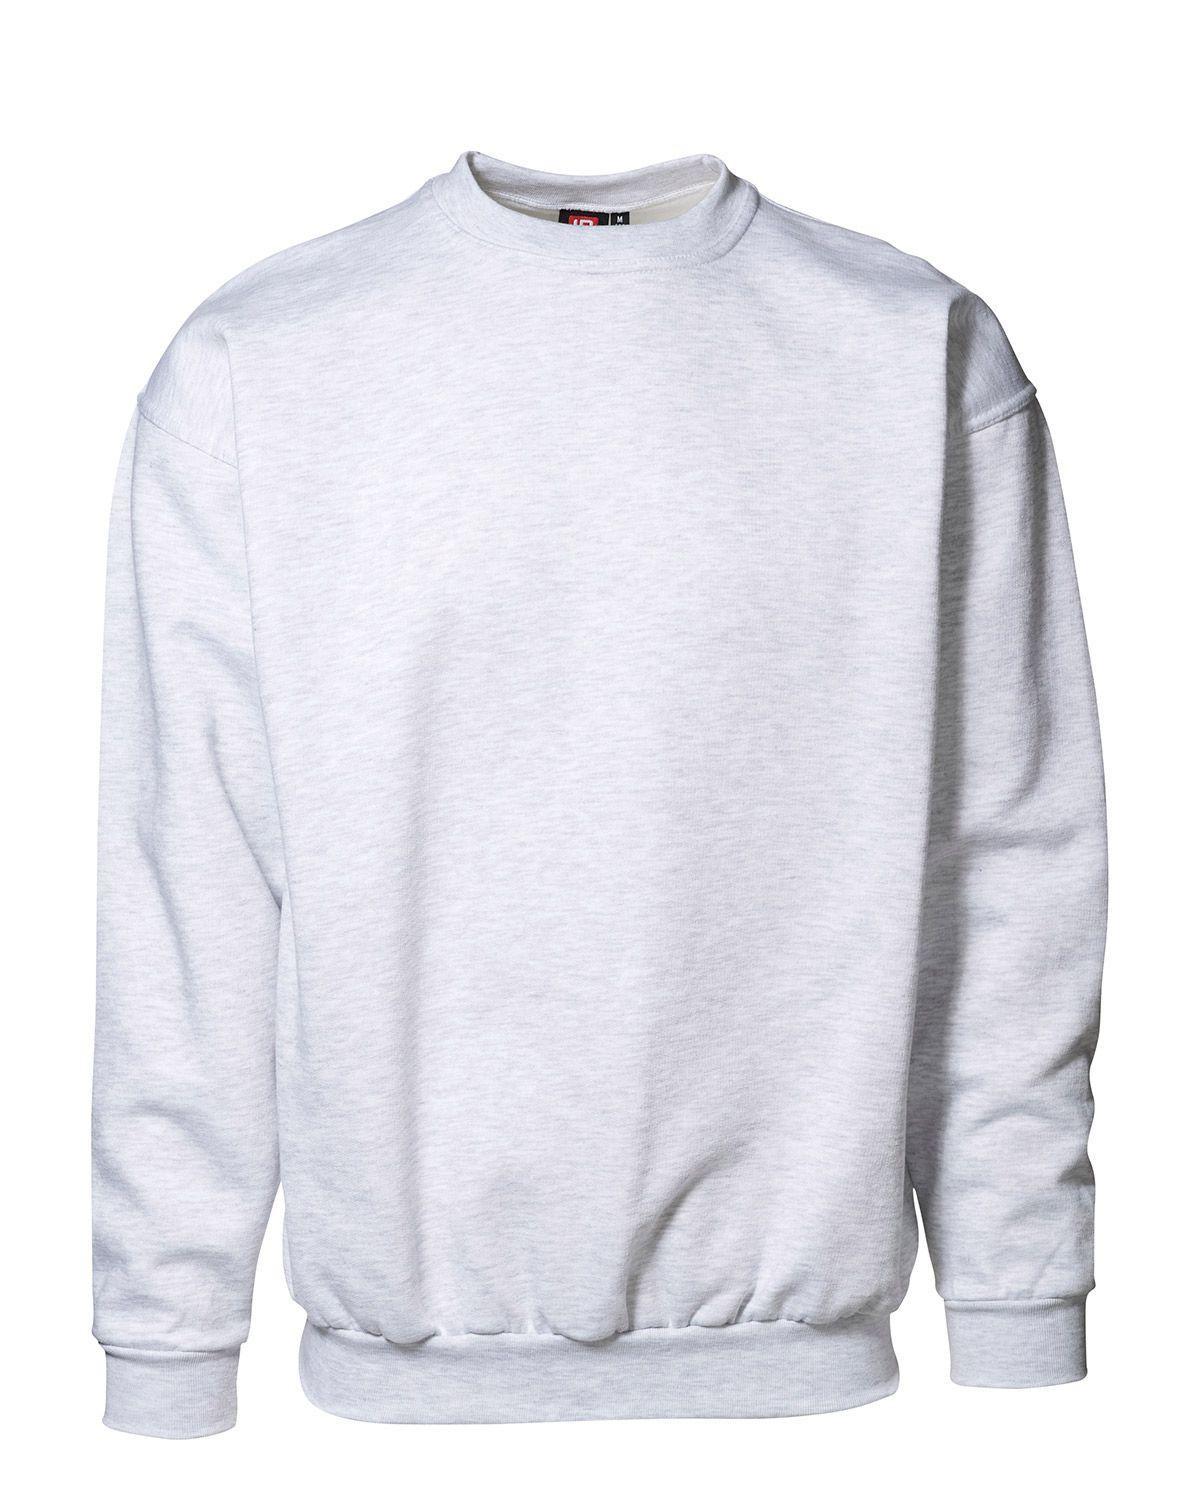 Trøjer | Mærkevare T shirts, strik og sweatshirts til gode